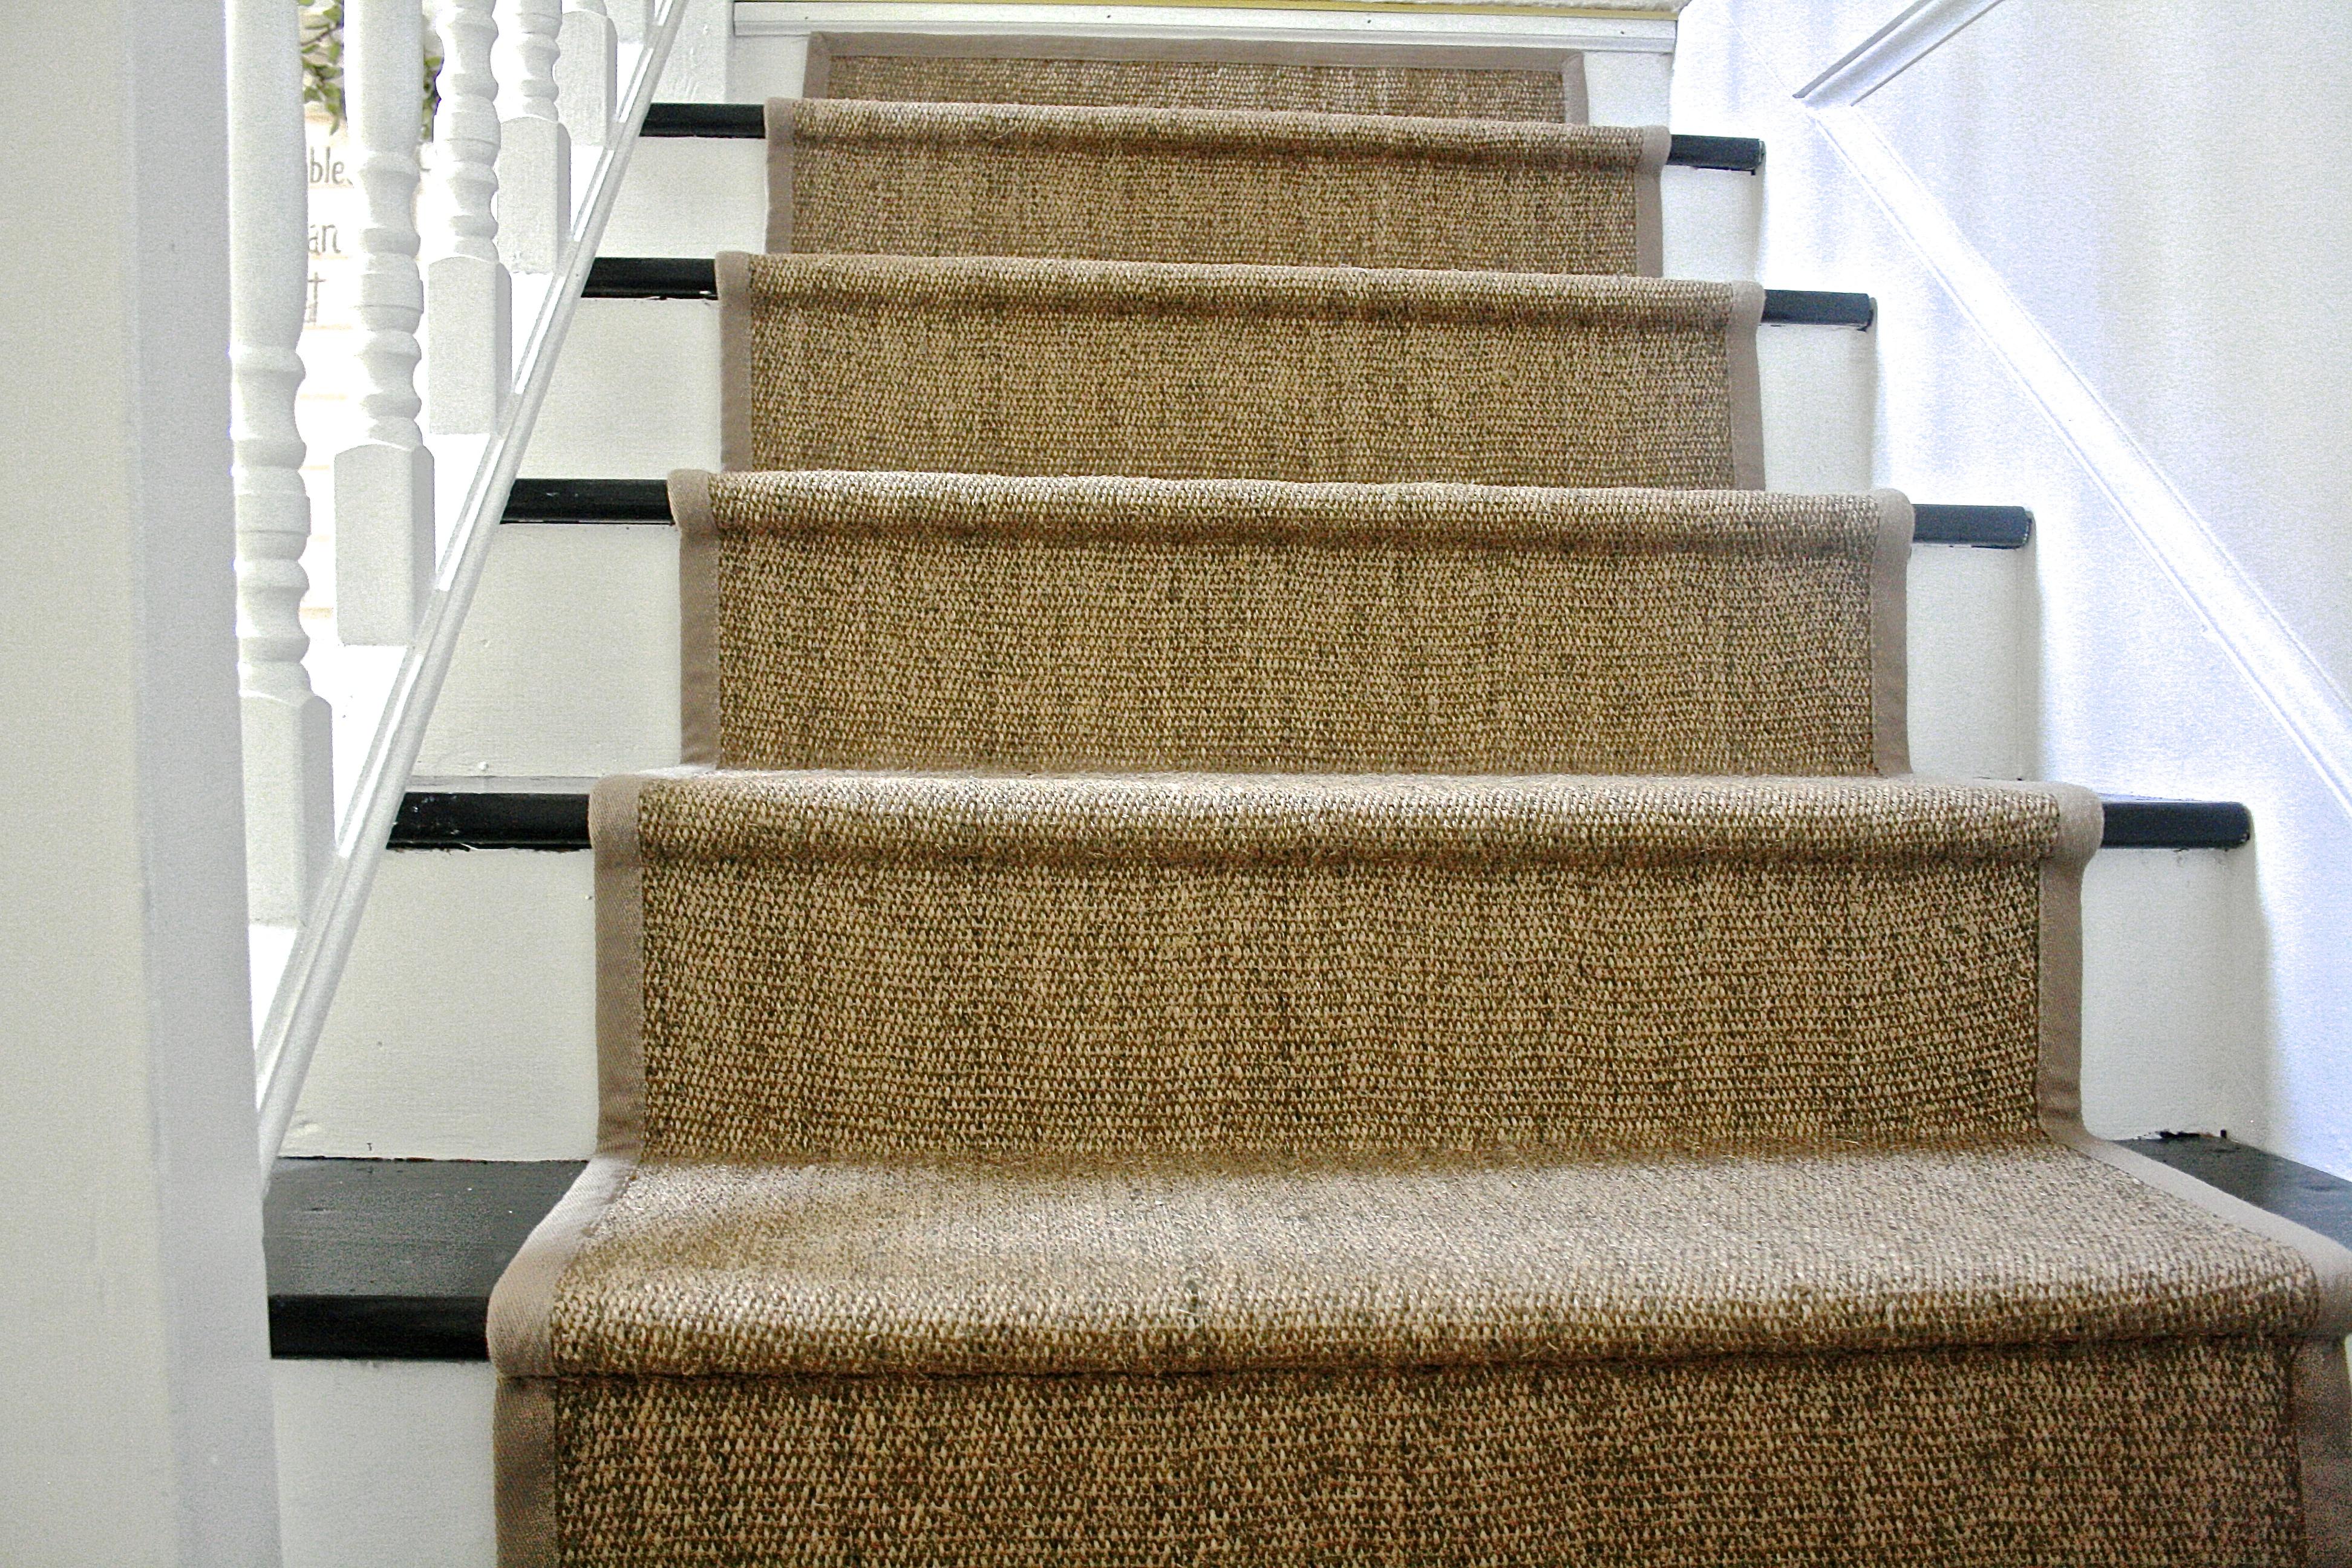 carpet runner diy ikea jute carpet stair runner HGIXYPT